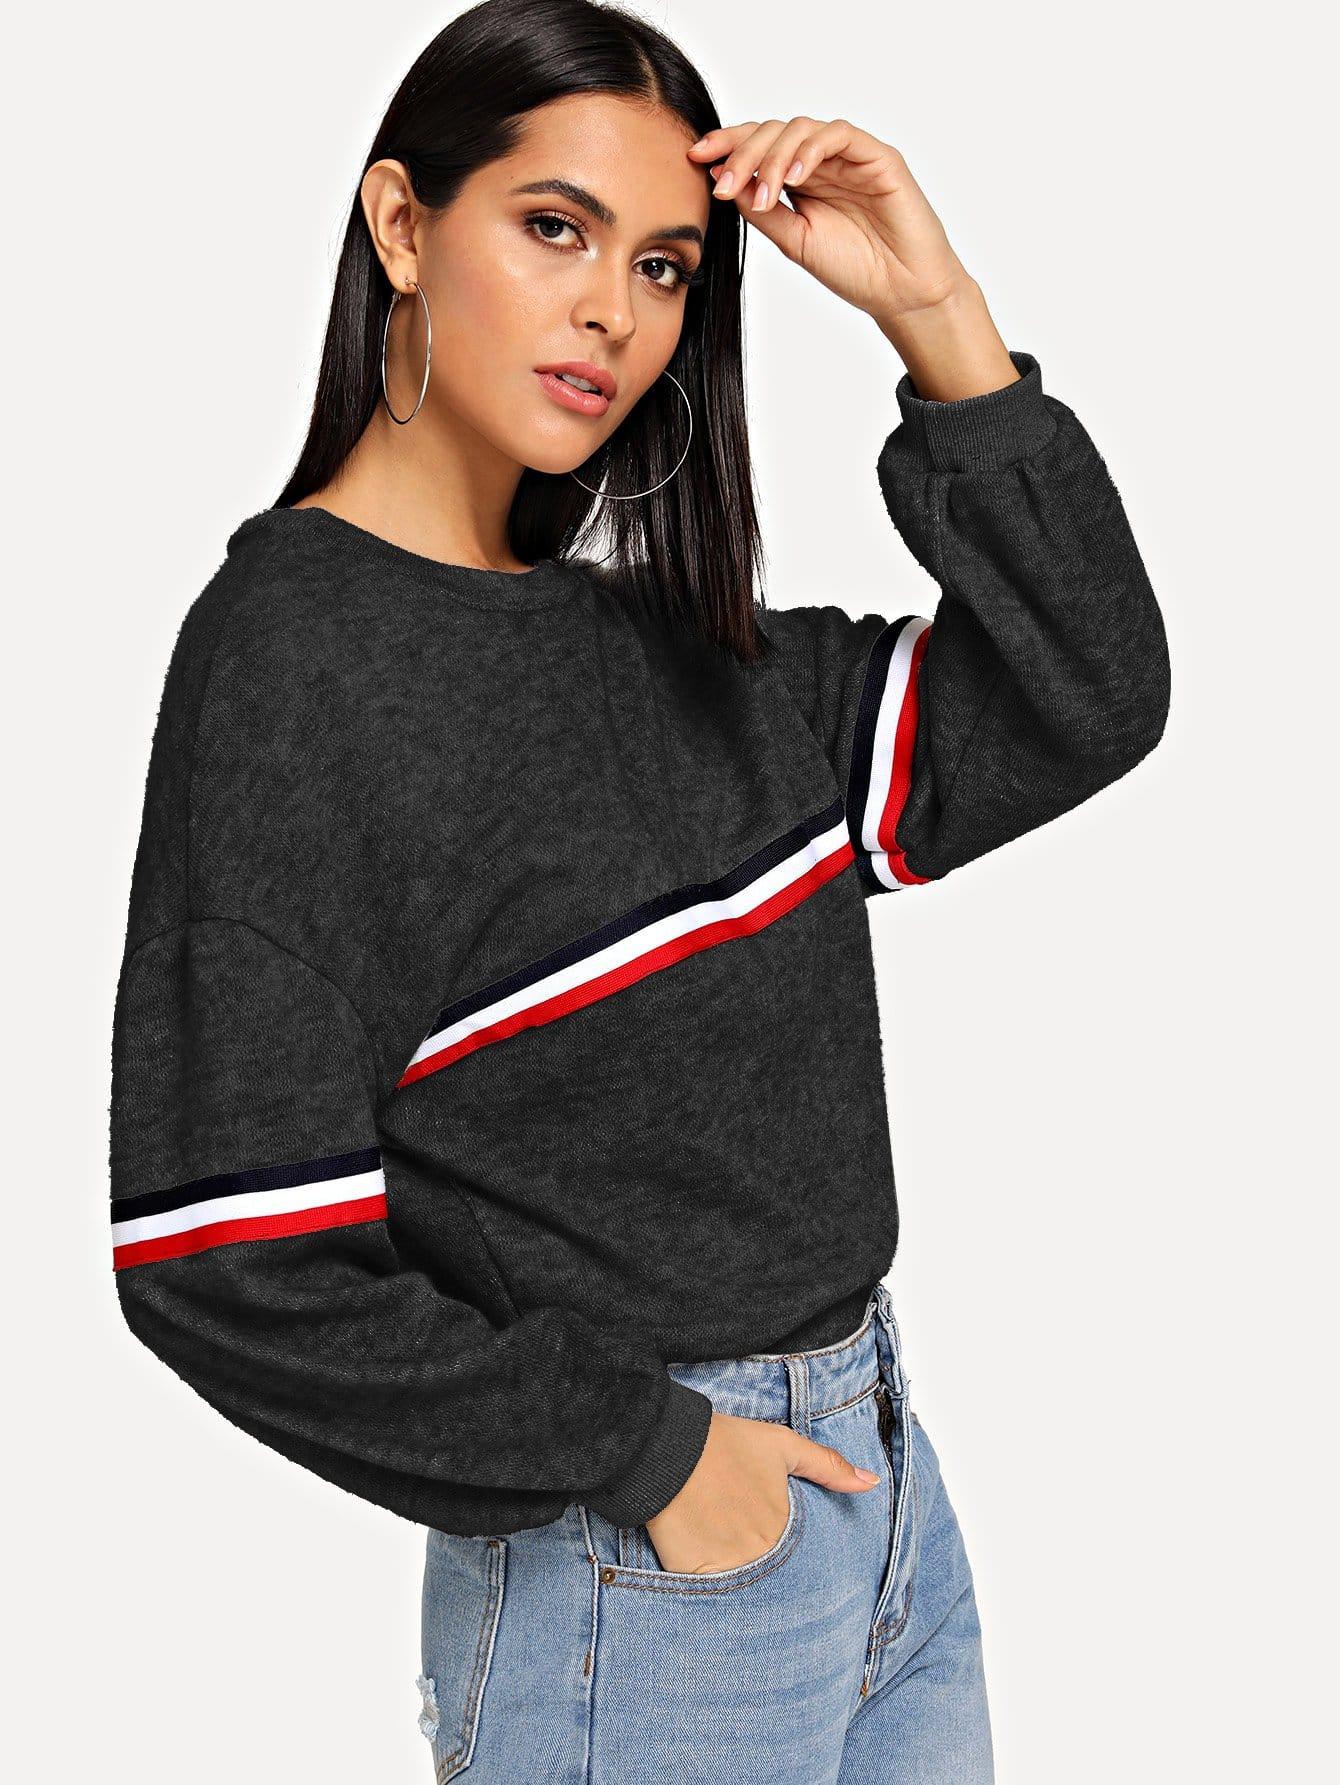 Контрастный свитер в полоску с заниженной линией плеч, Verob, SheIn  - купить со скидкой